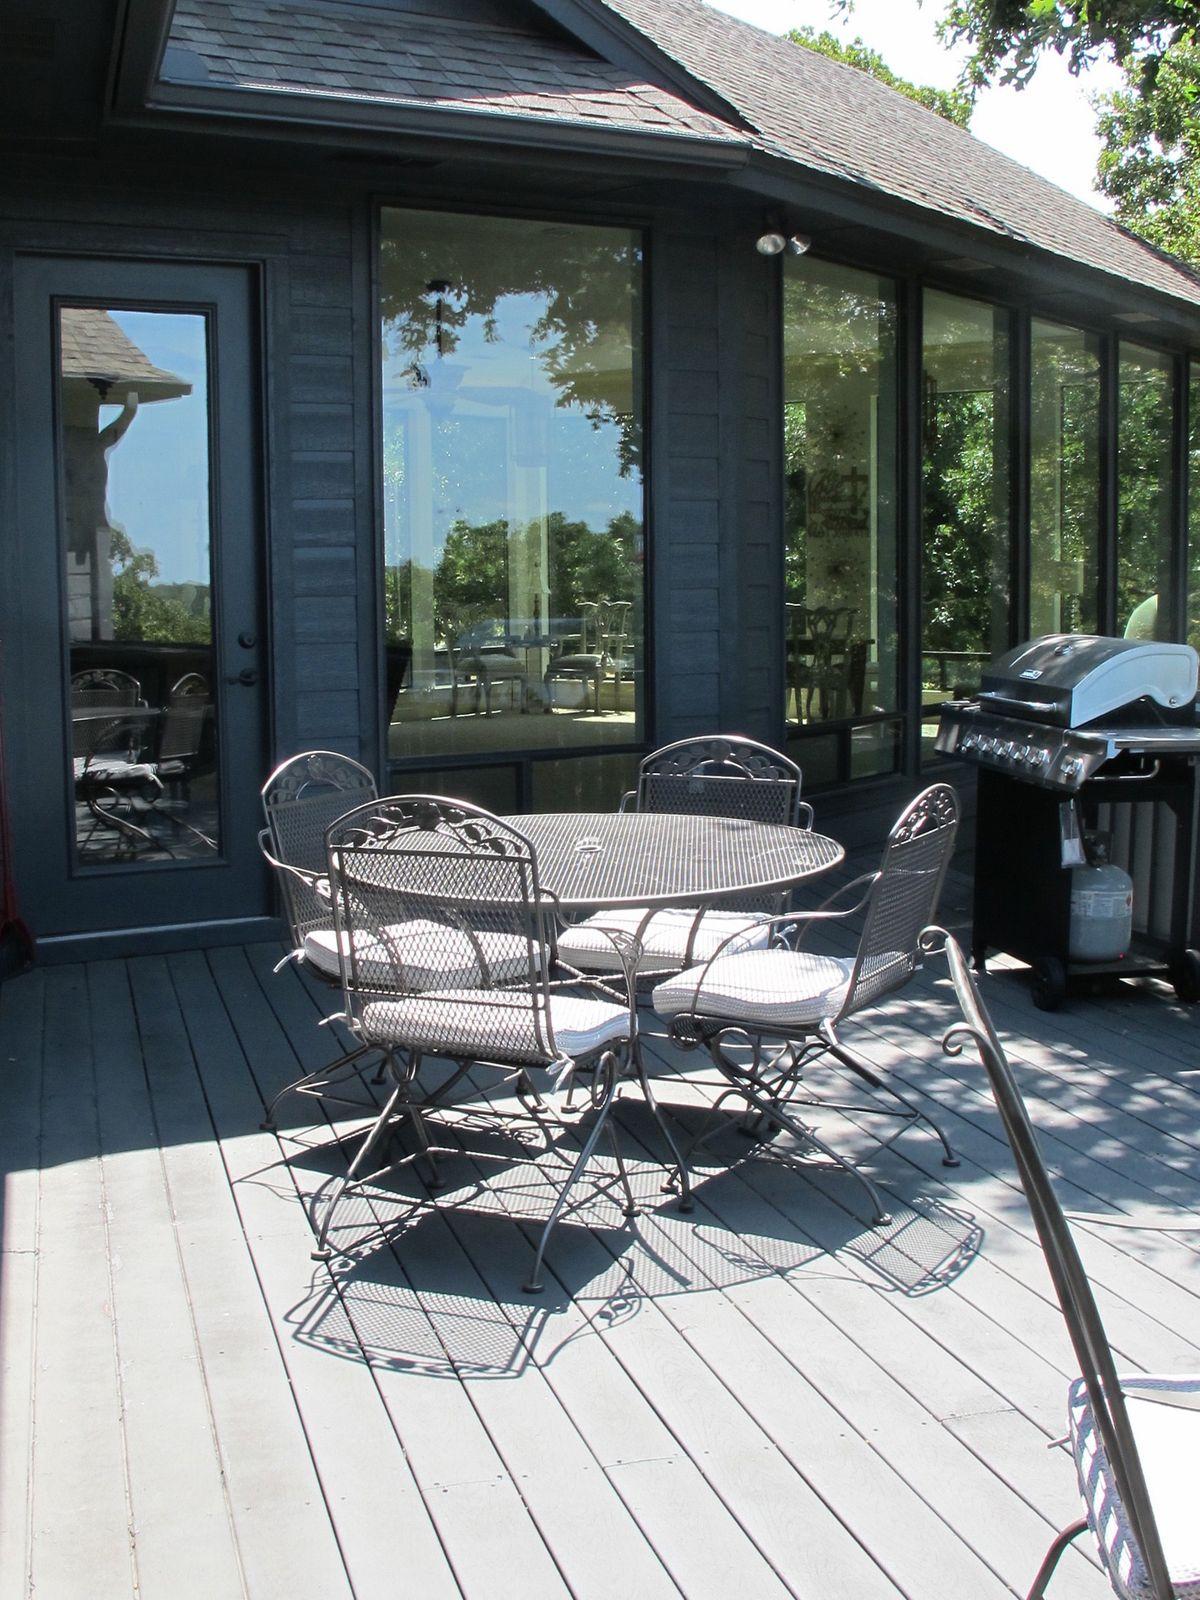 WDCT Venue Public Spaces  Photo Video Shoot Location Dallas 16.jpg